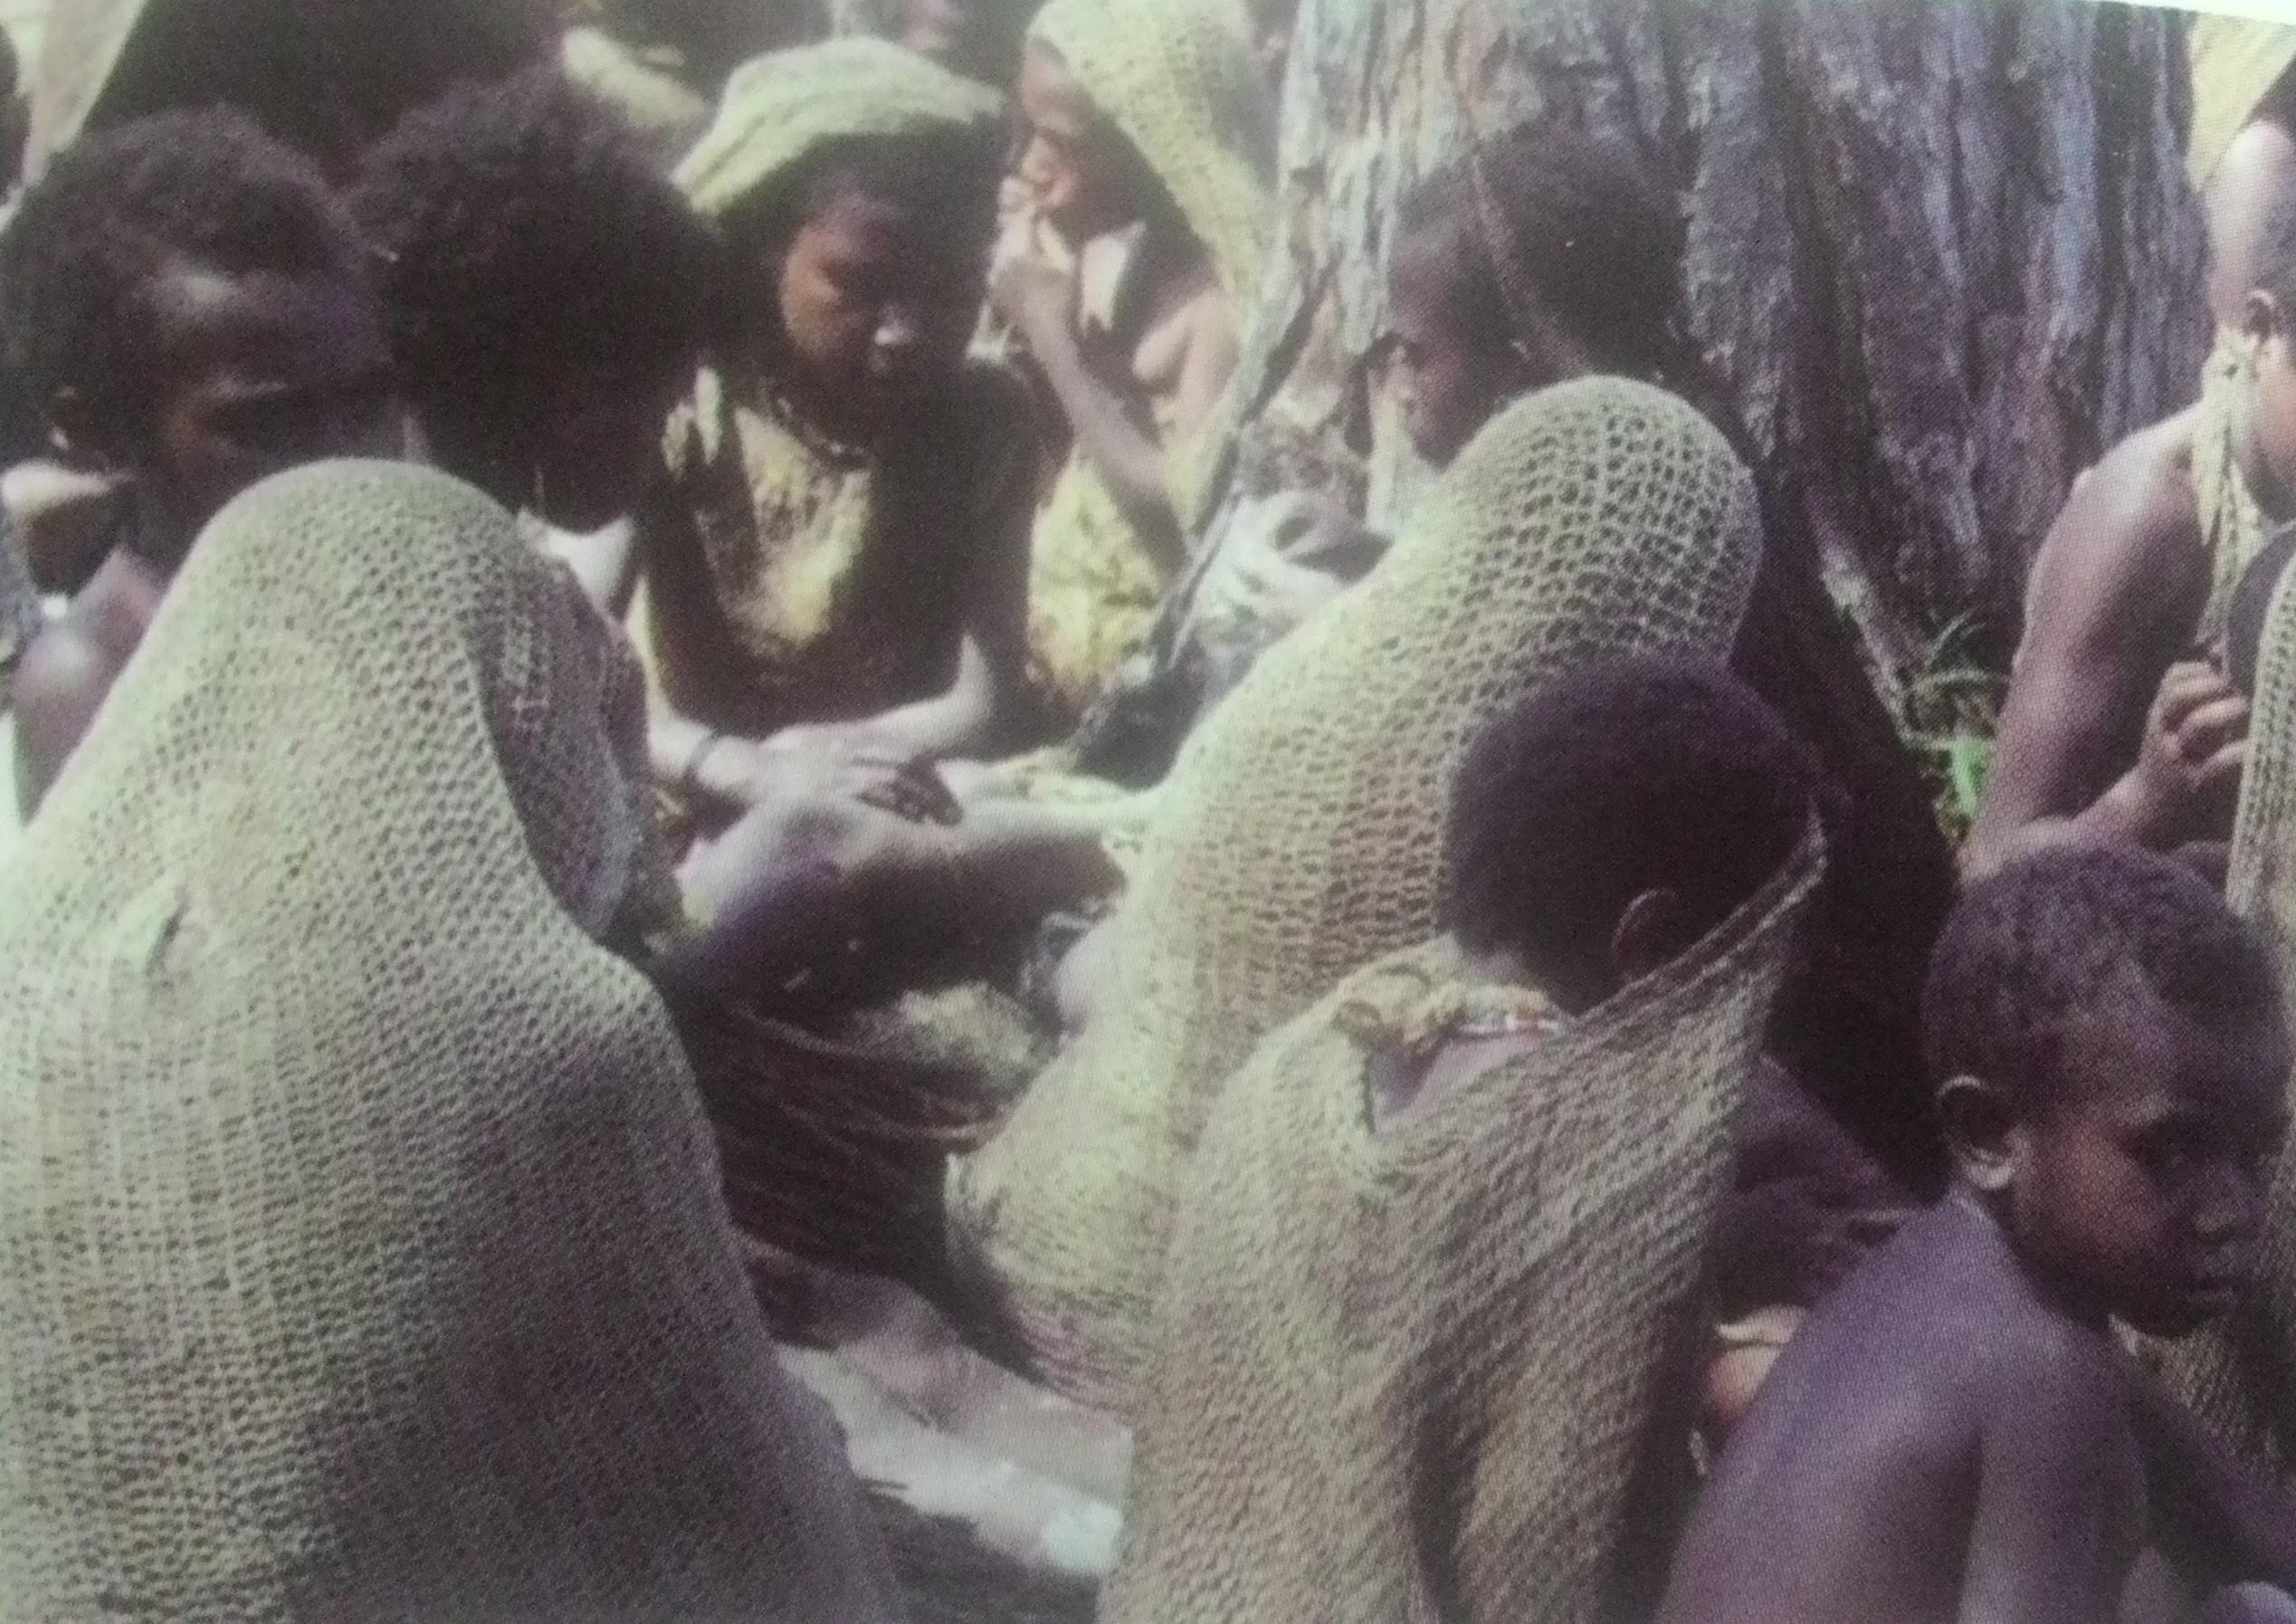 Noken-tas khas masyarakat Papua